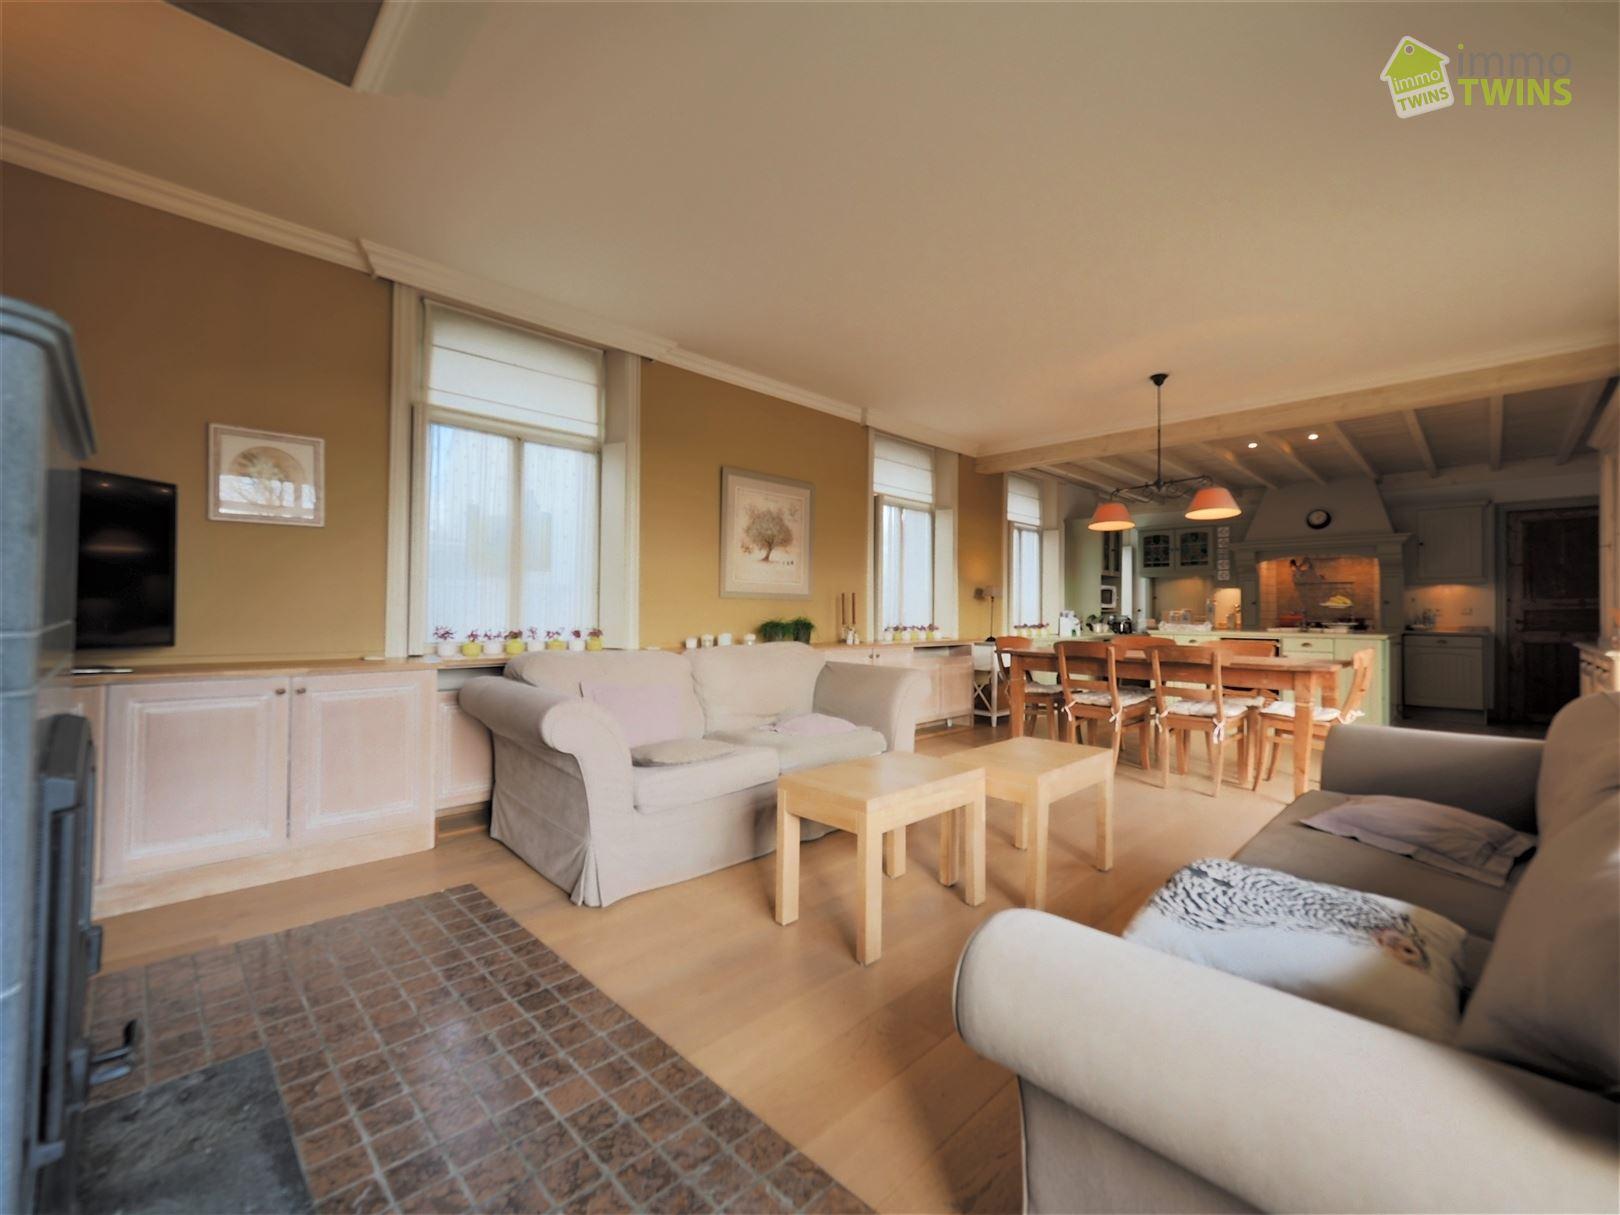 Foto 4 : Woning te 9240 ZELE (België) - Prijs € 420.000